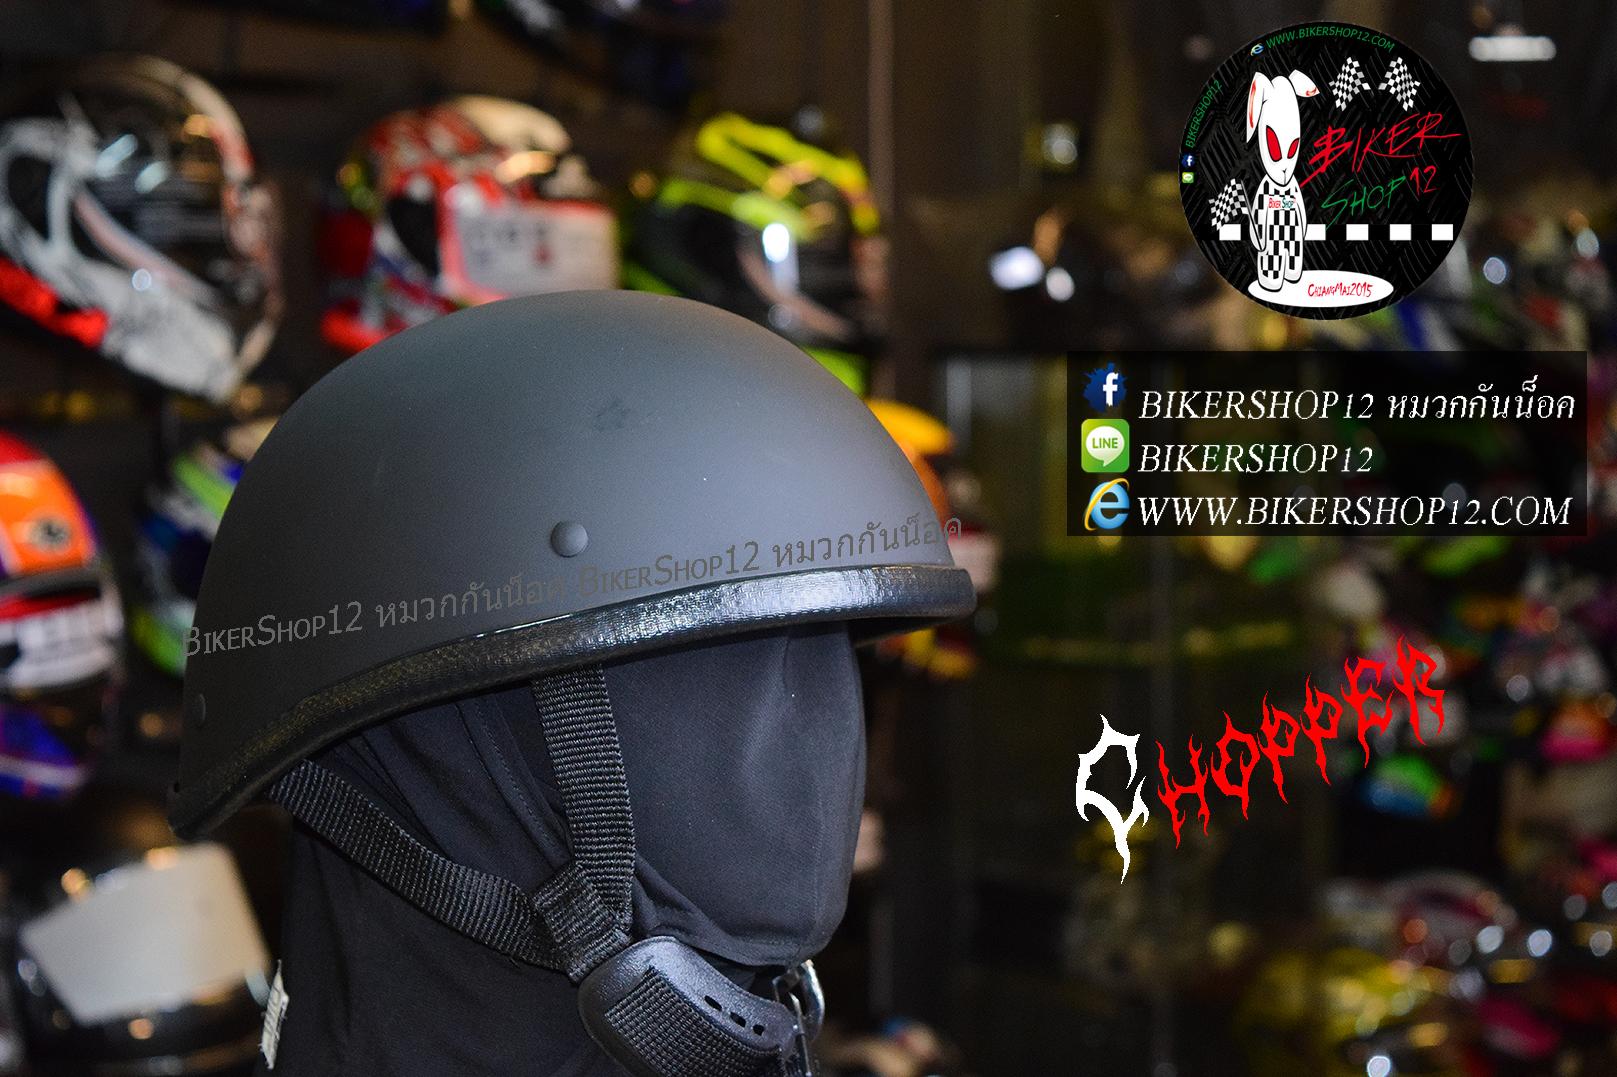 หมวกกันน็อคกะลา Chopper สีดำด้าน สำเนา